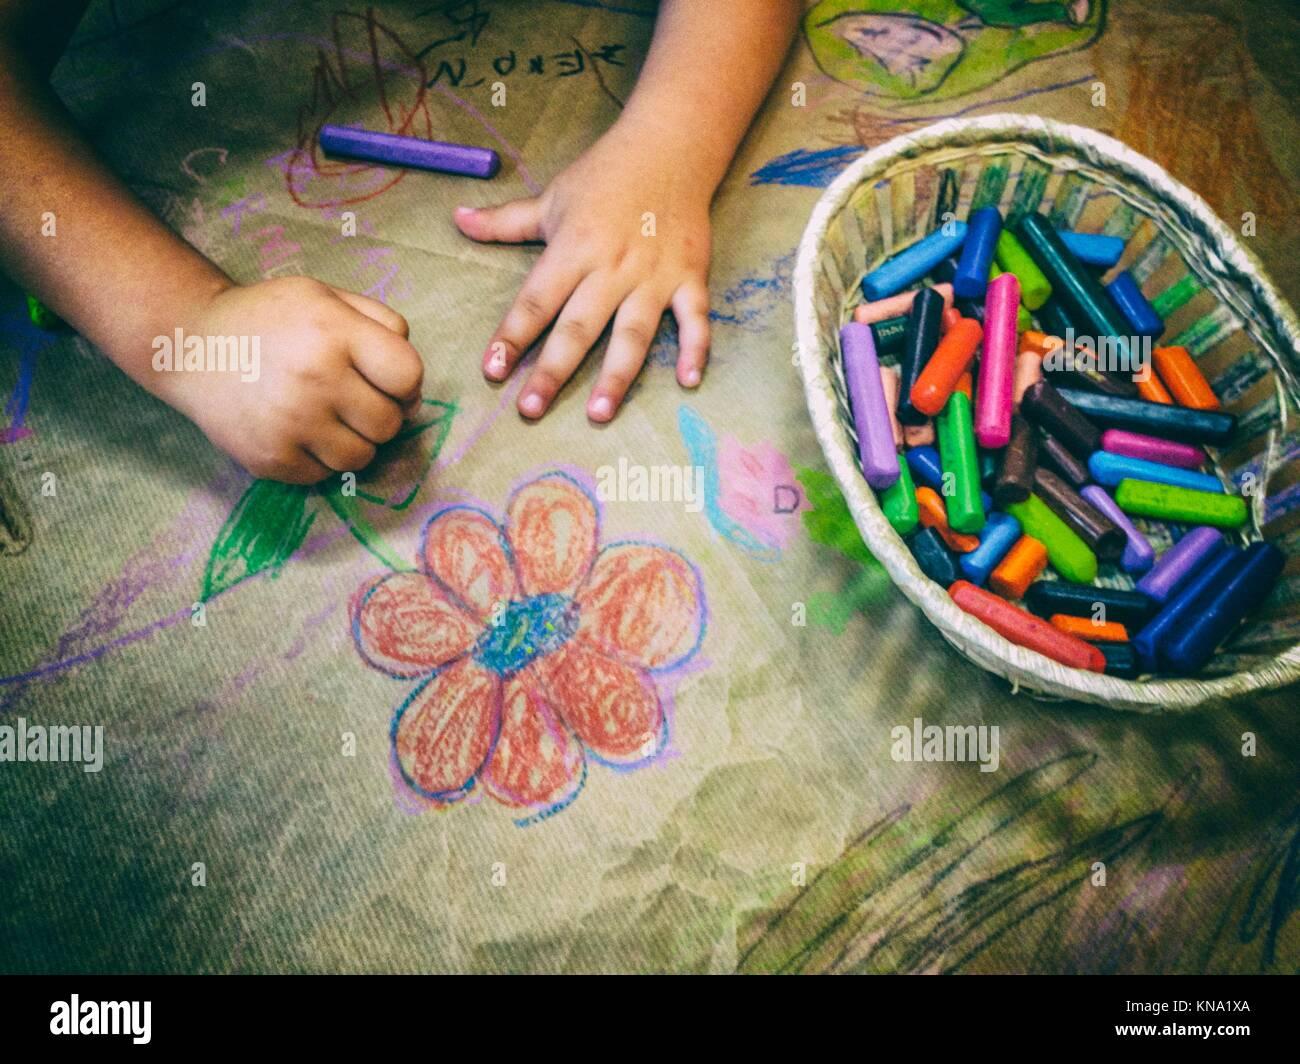 Dessin de l'enfant avec un panier de crayons de cire sur craft papier d'emballage. High angle view. Banque D'Images